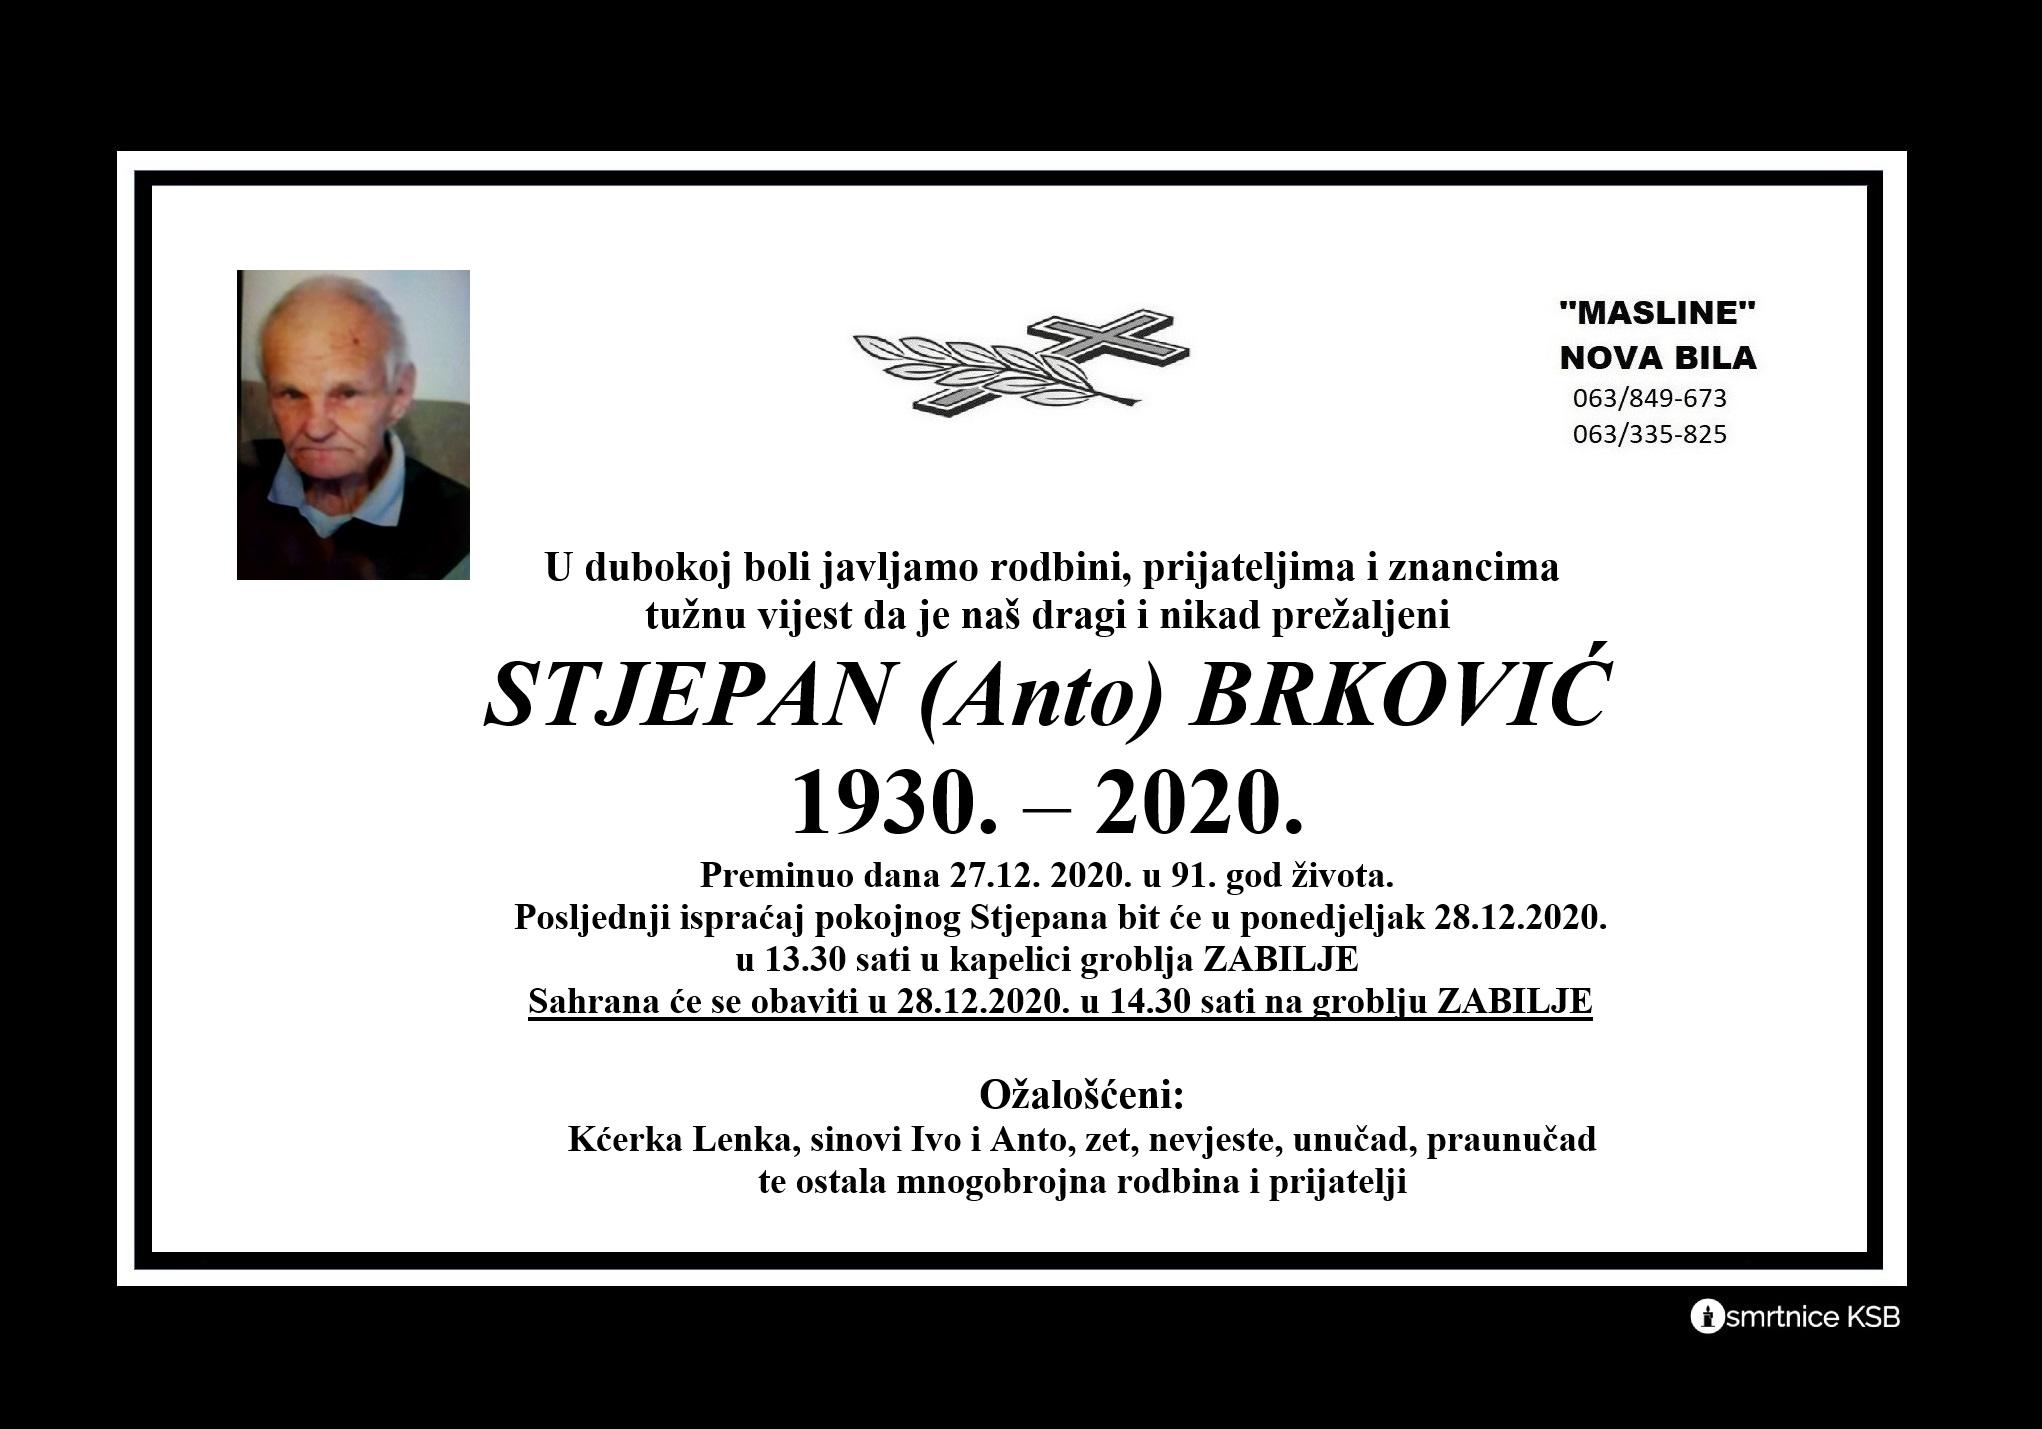 Stjepan (Anto) Brković